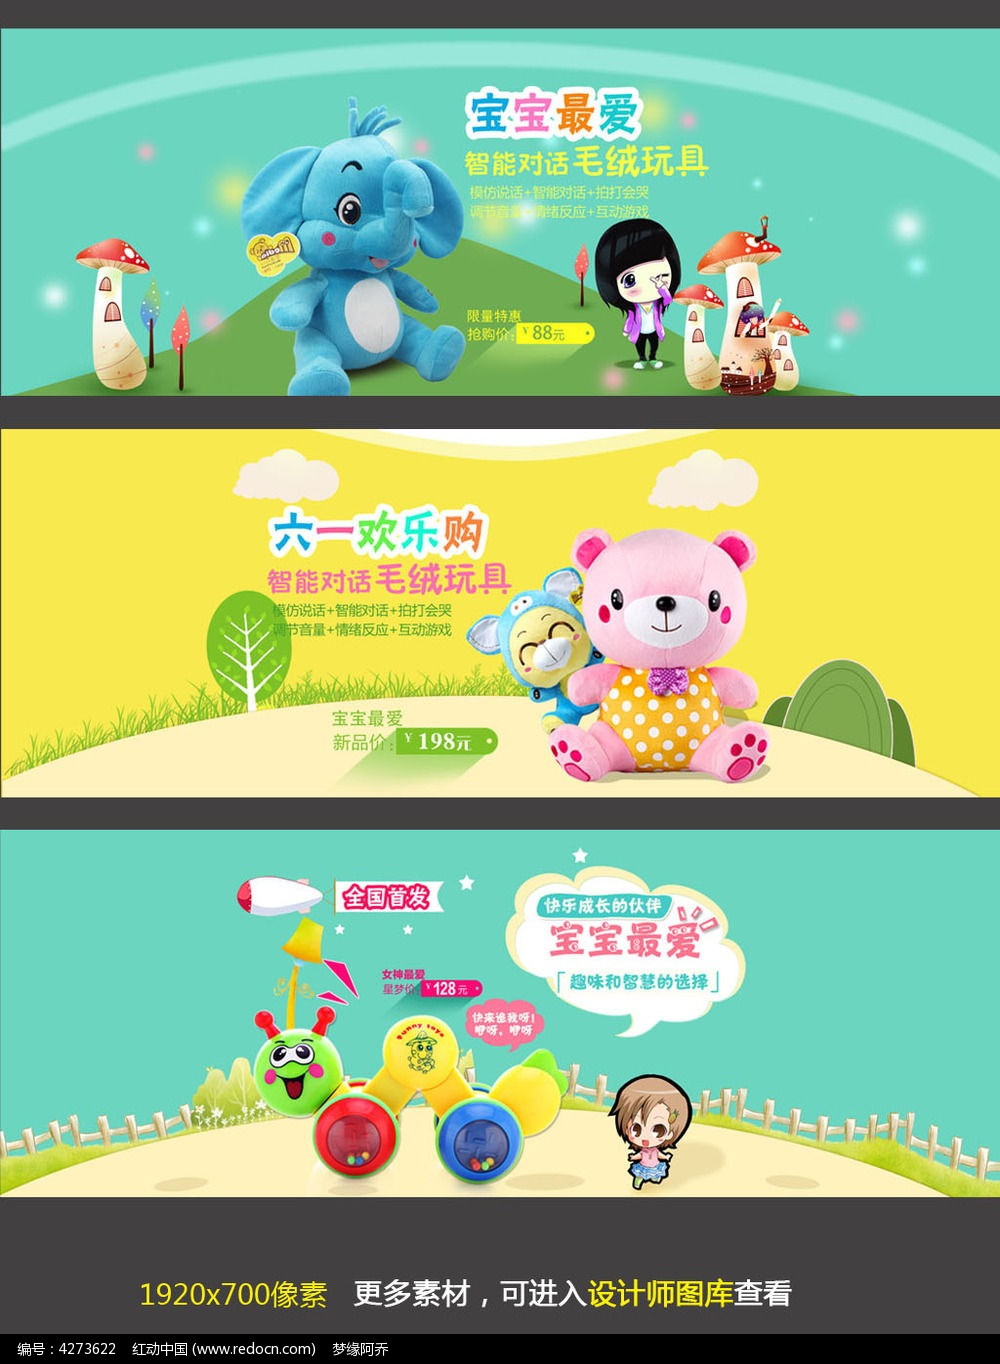 淘宝六一儿童节玩具活动海报